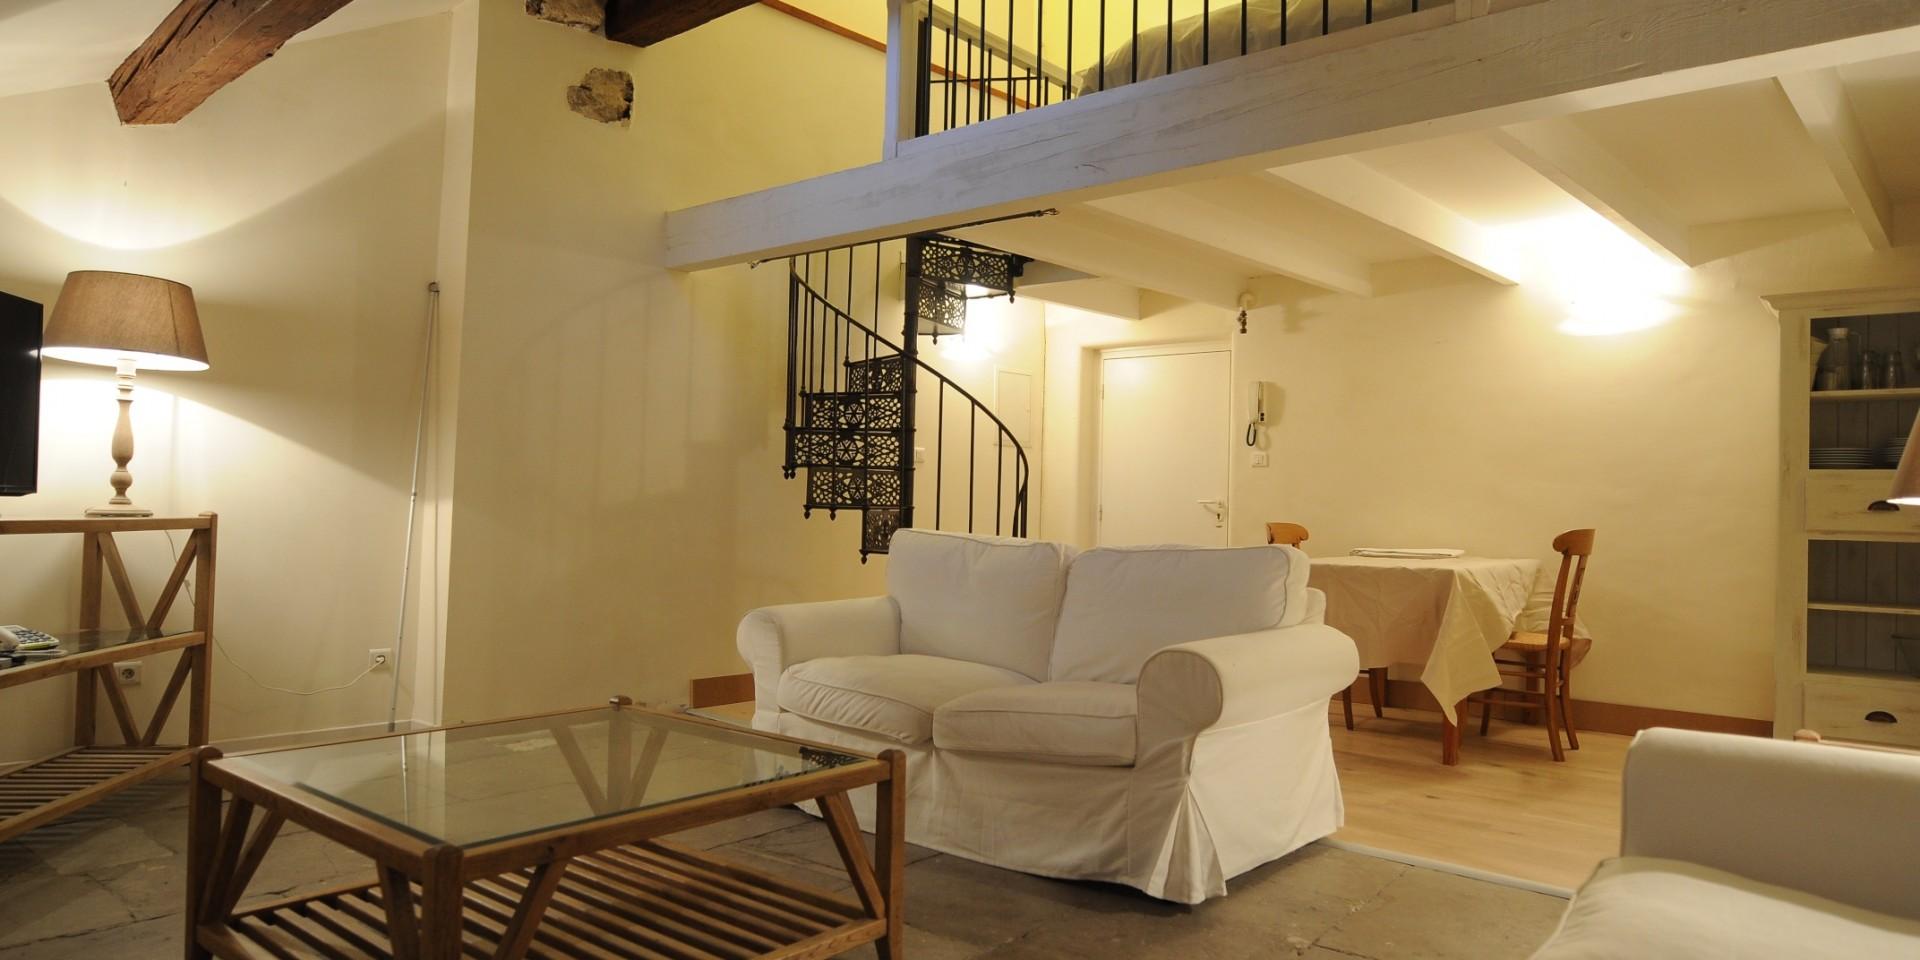 Living room with mezzanine